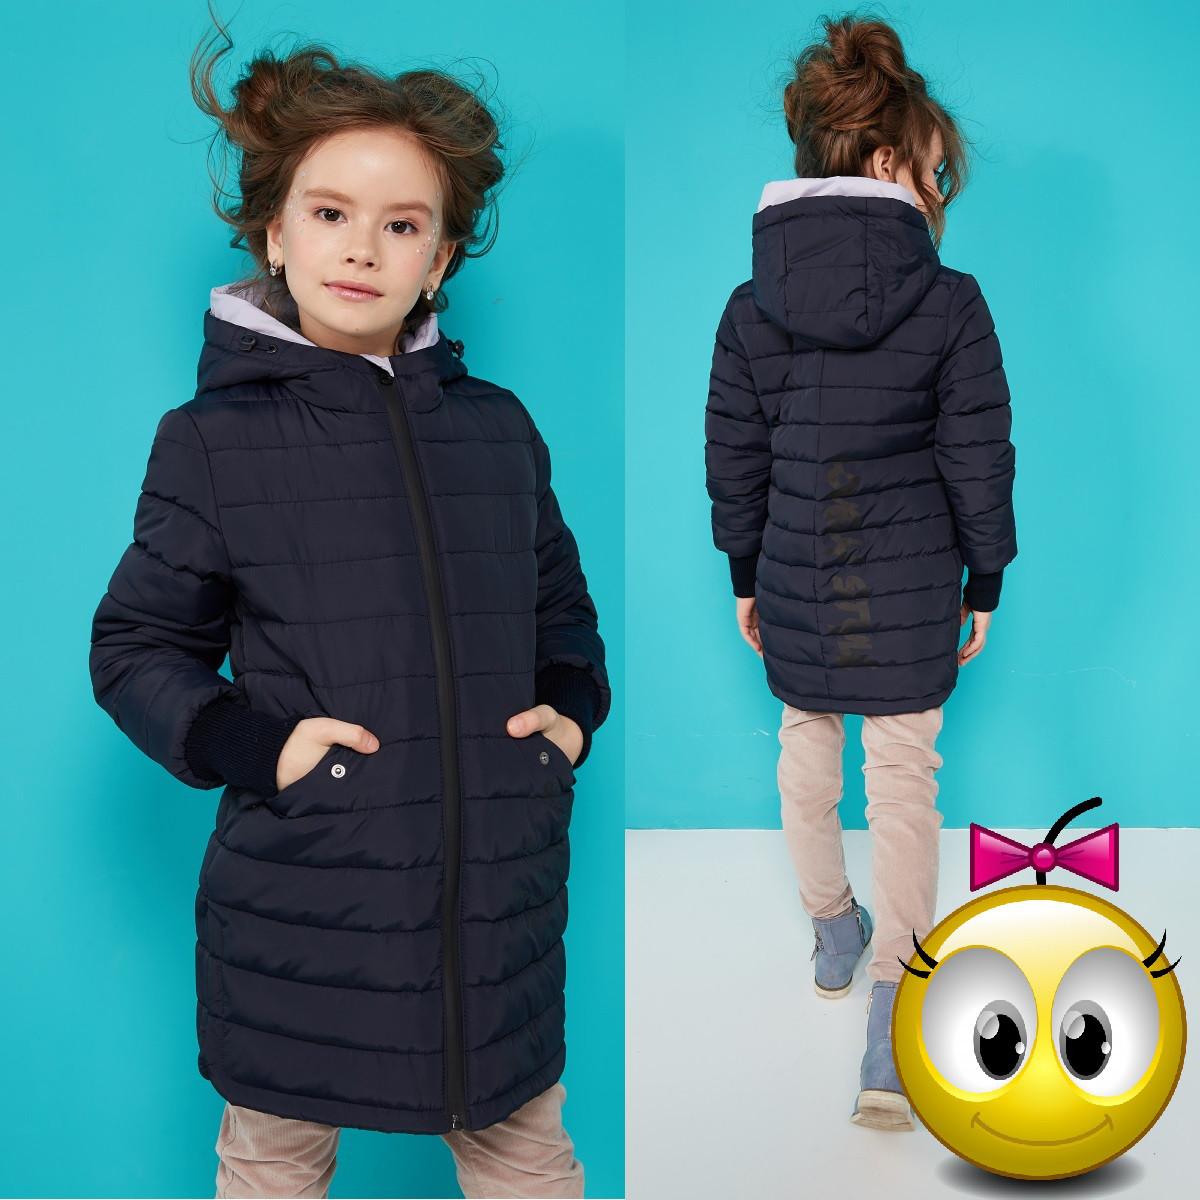 Демисезонная куртка для девочки с принтом и капюшоном NW  Трикси  19891  Синий Темный